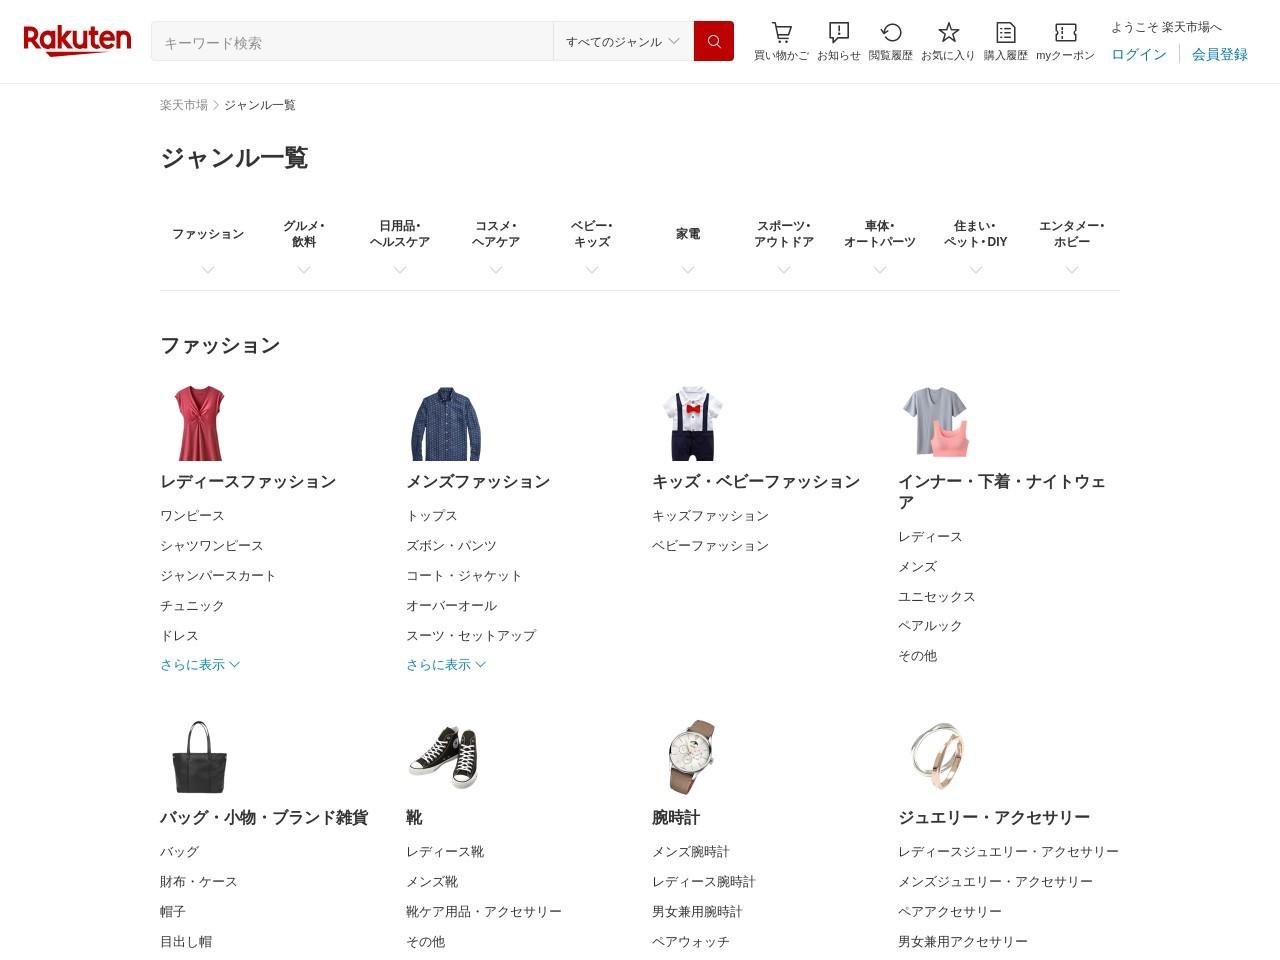 【自動投稿】 【楽天市場】ギャラシー マスターの通販